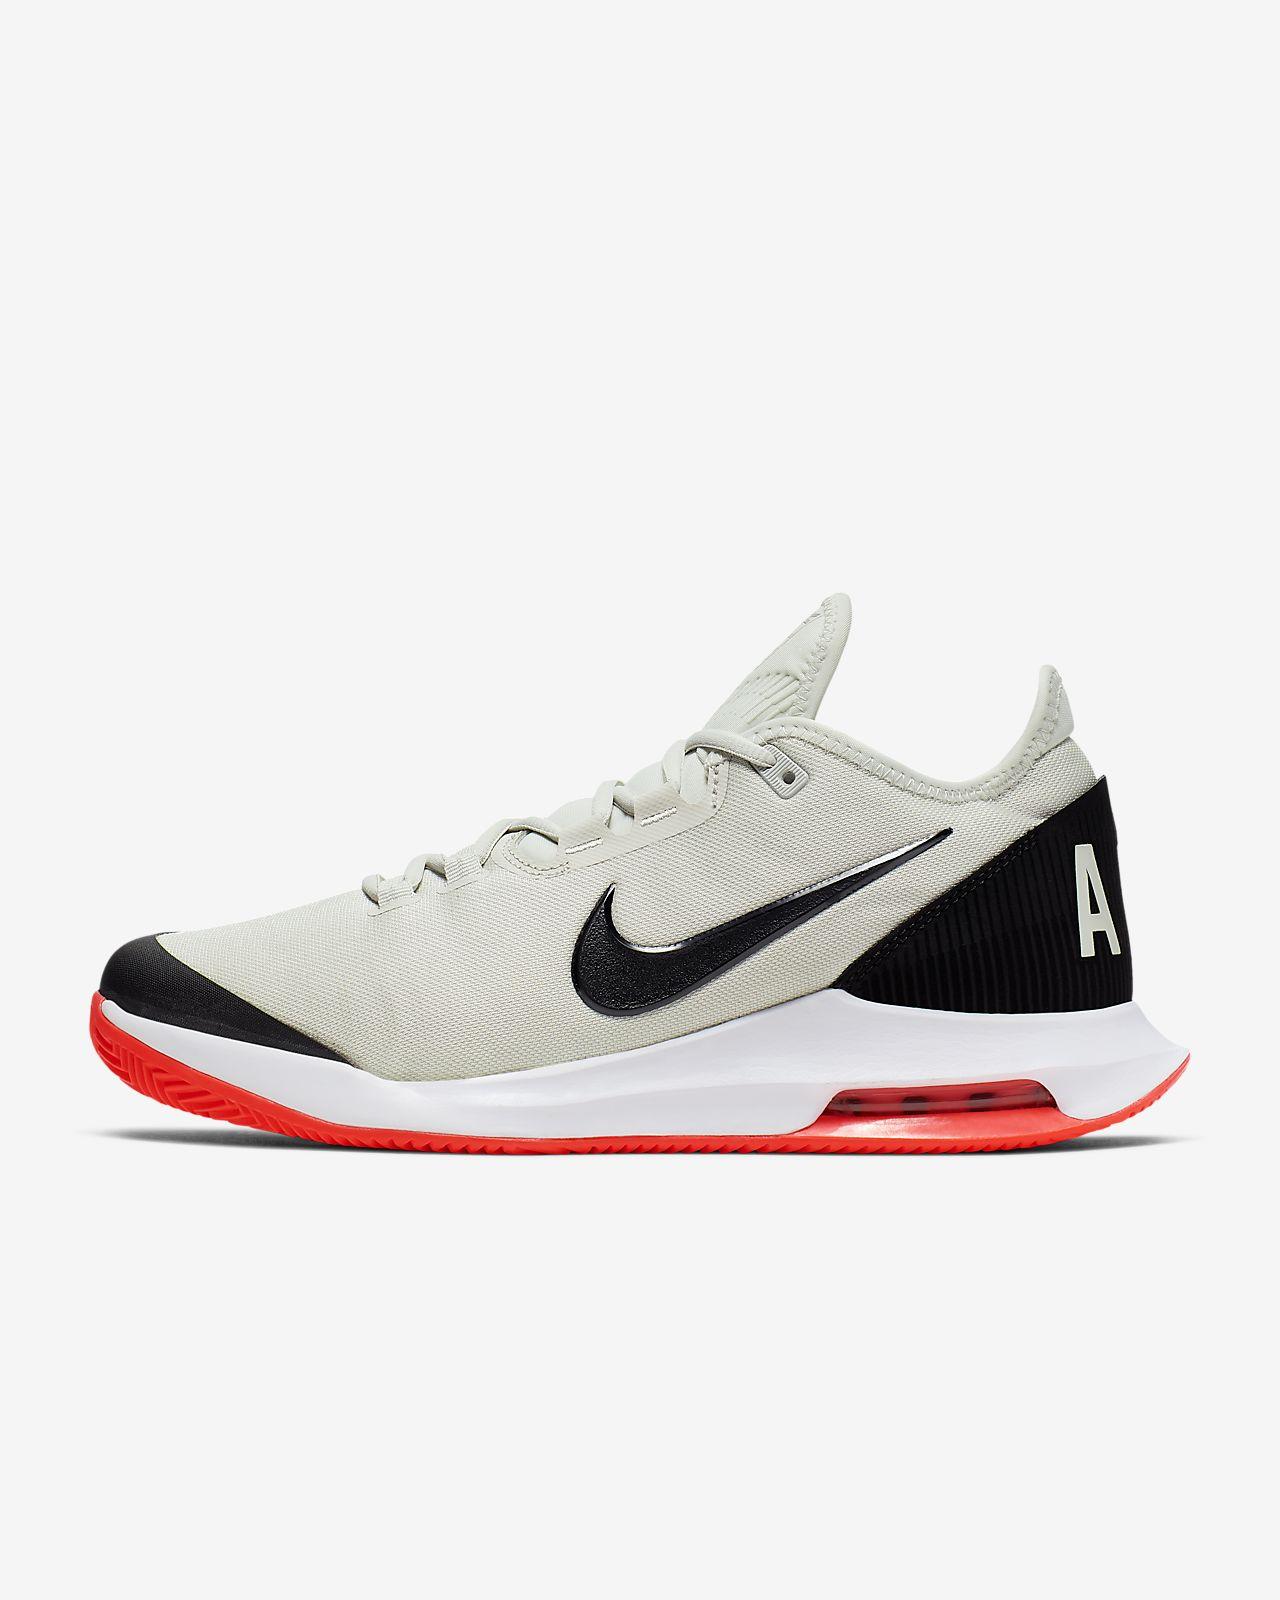 NikeCourt Air Max Wildcard Men's Clay Tennis Shoe